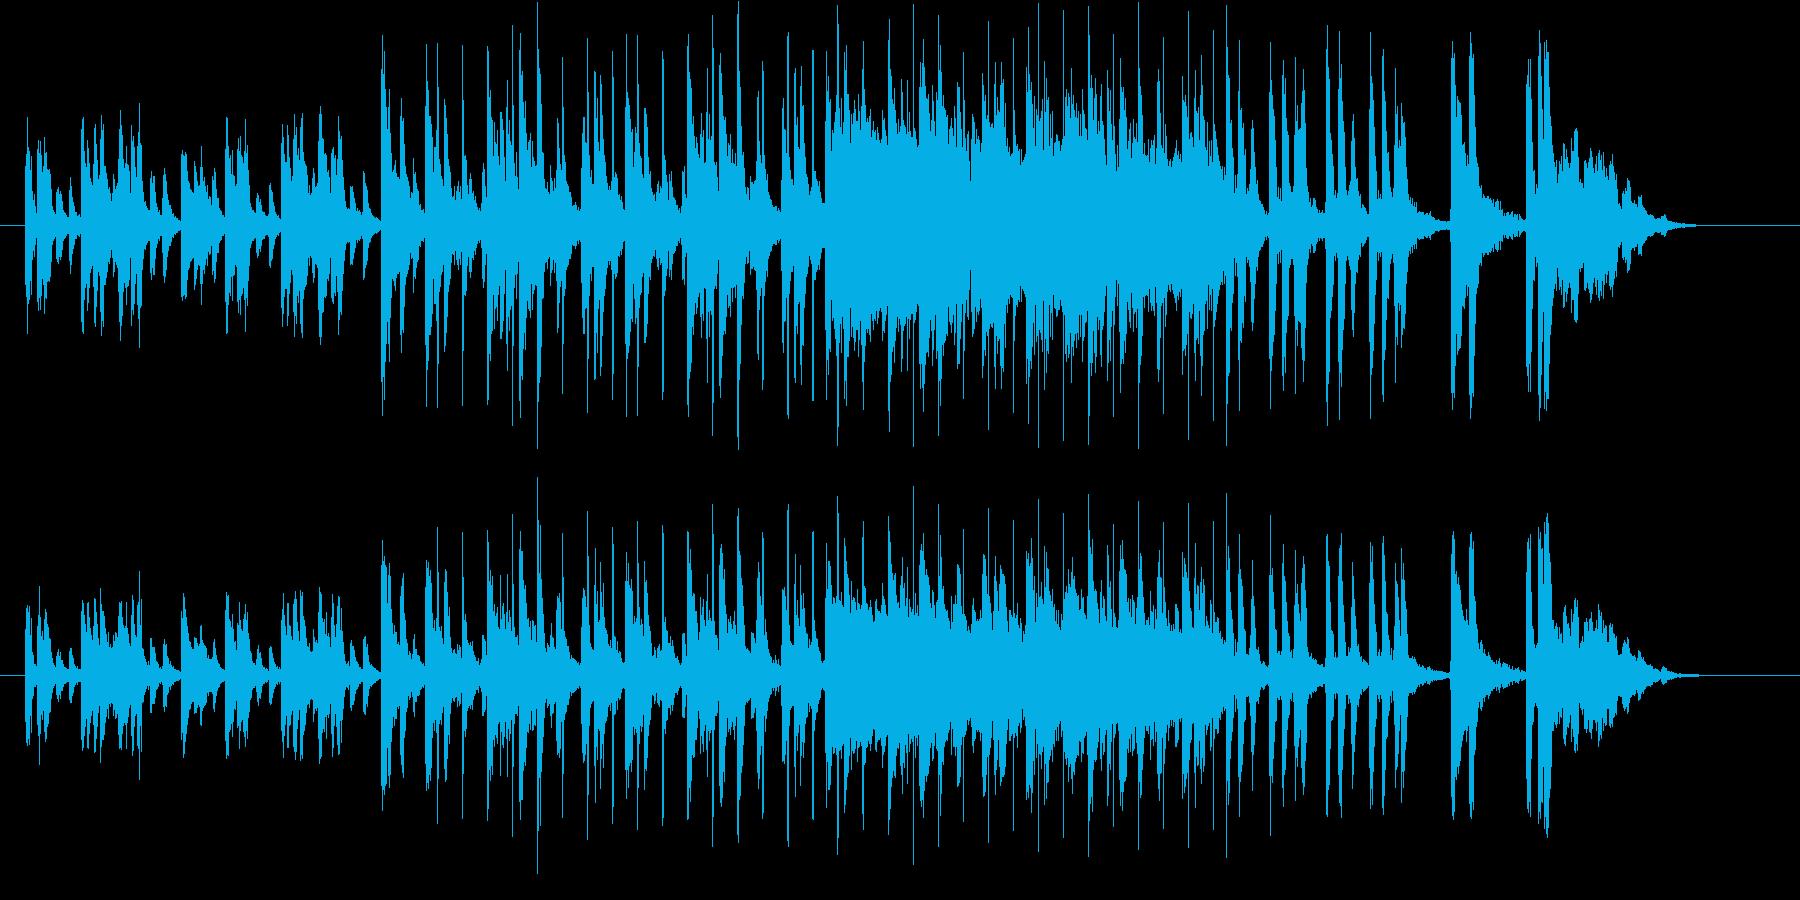 躍動感が溢れるジングル曲、サウンドロゴの再生済みの波形